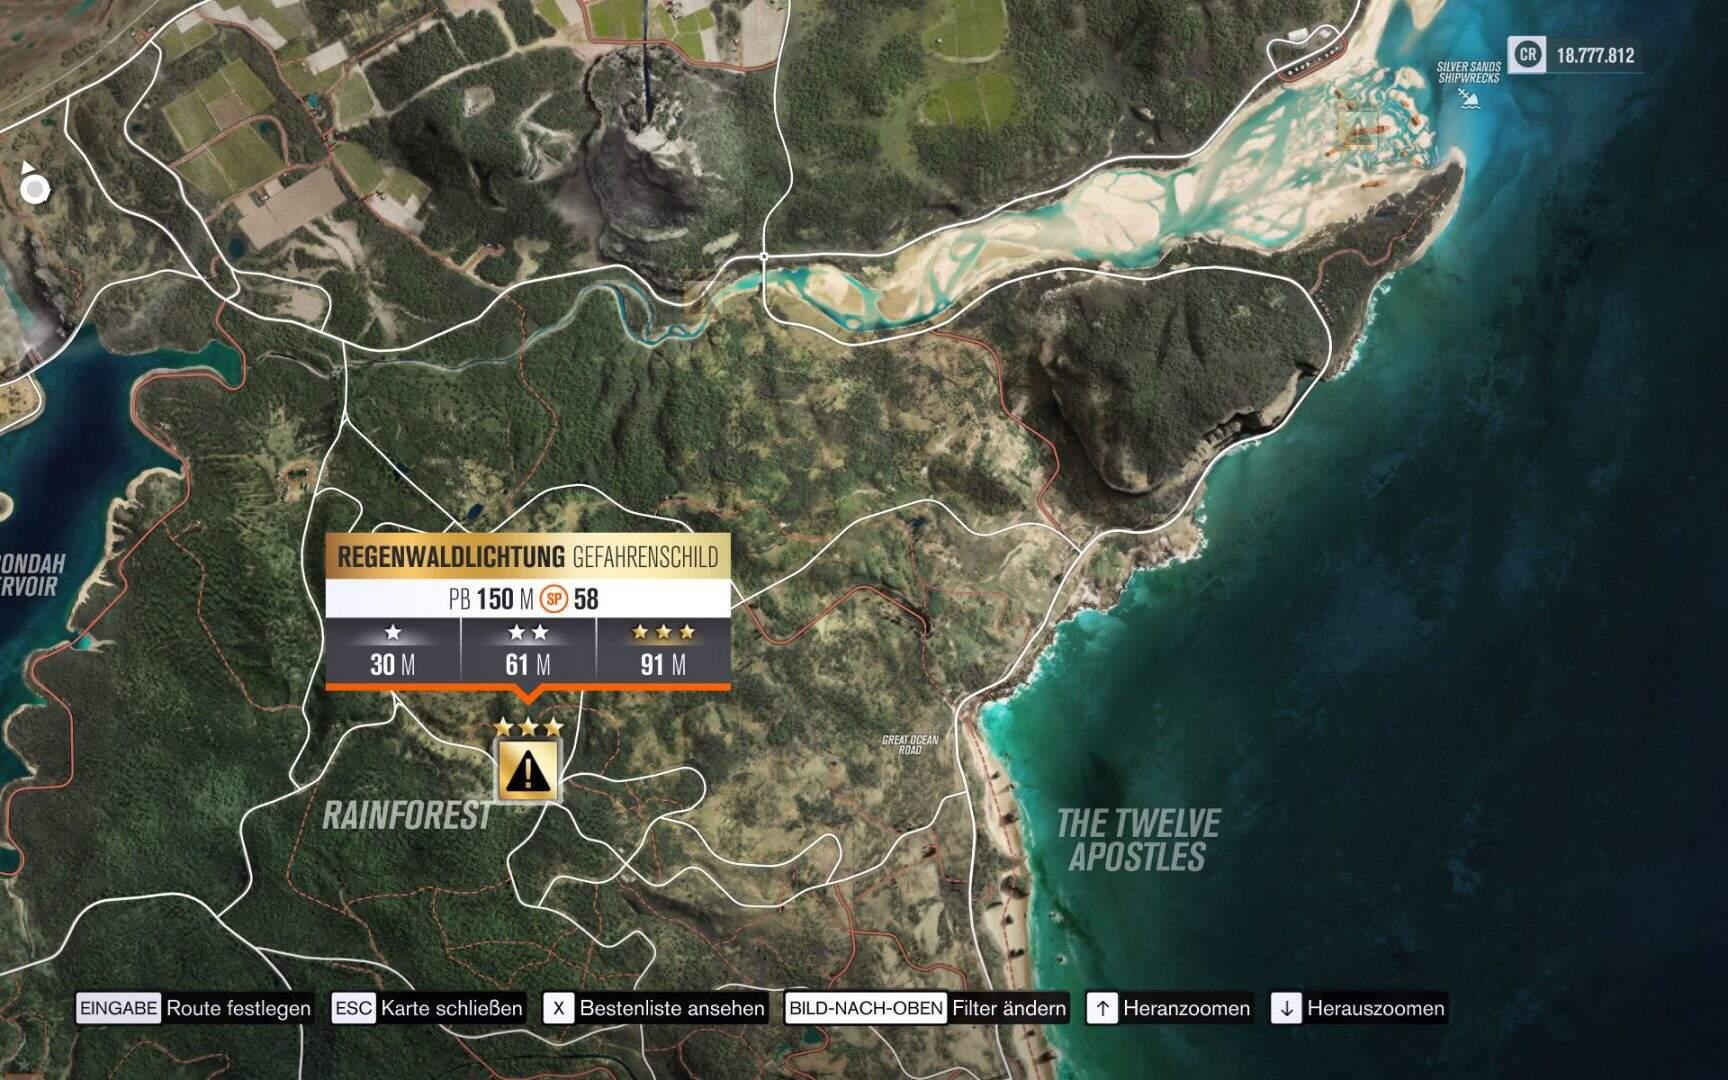 Forza Horizon 3 Regenwaldlichtung Gefahrenschild